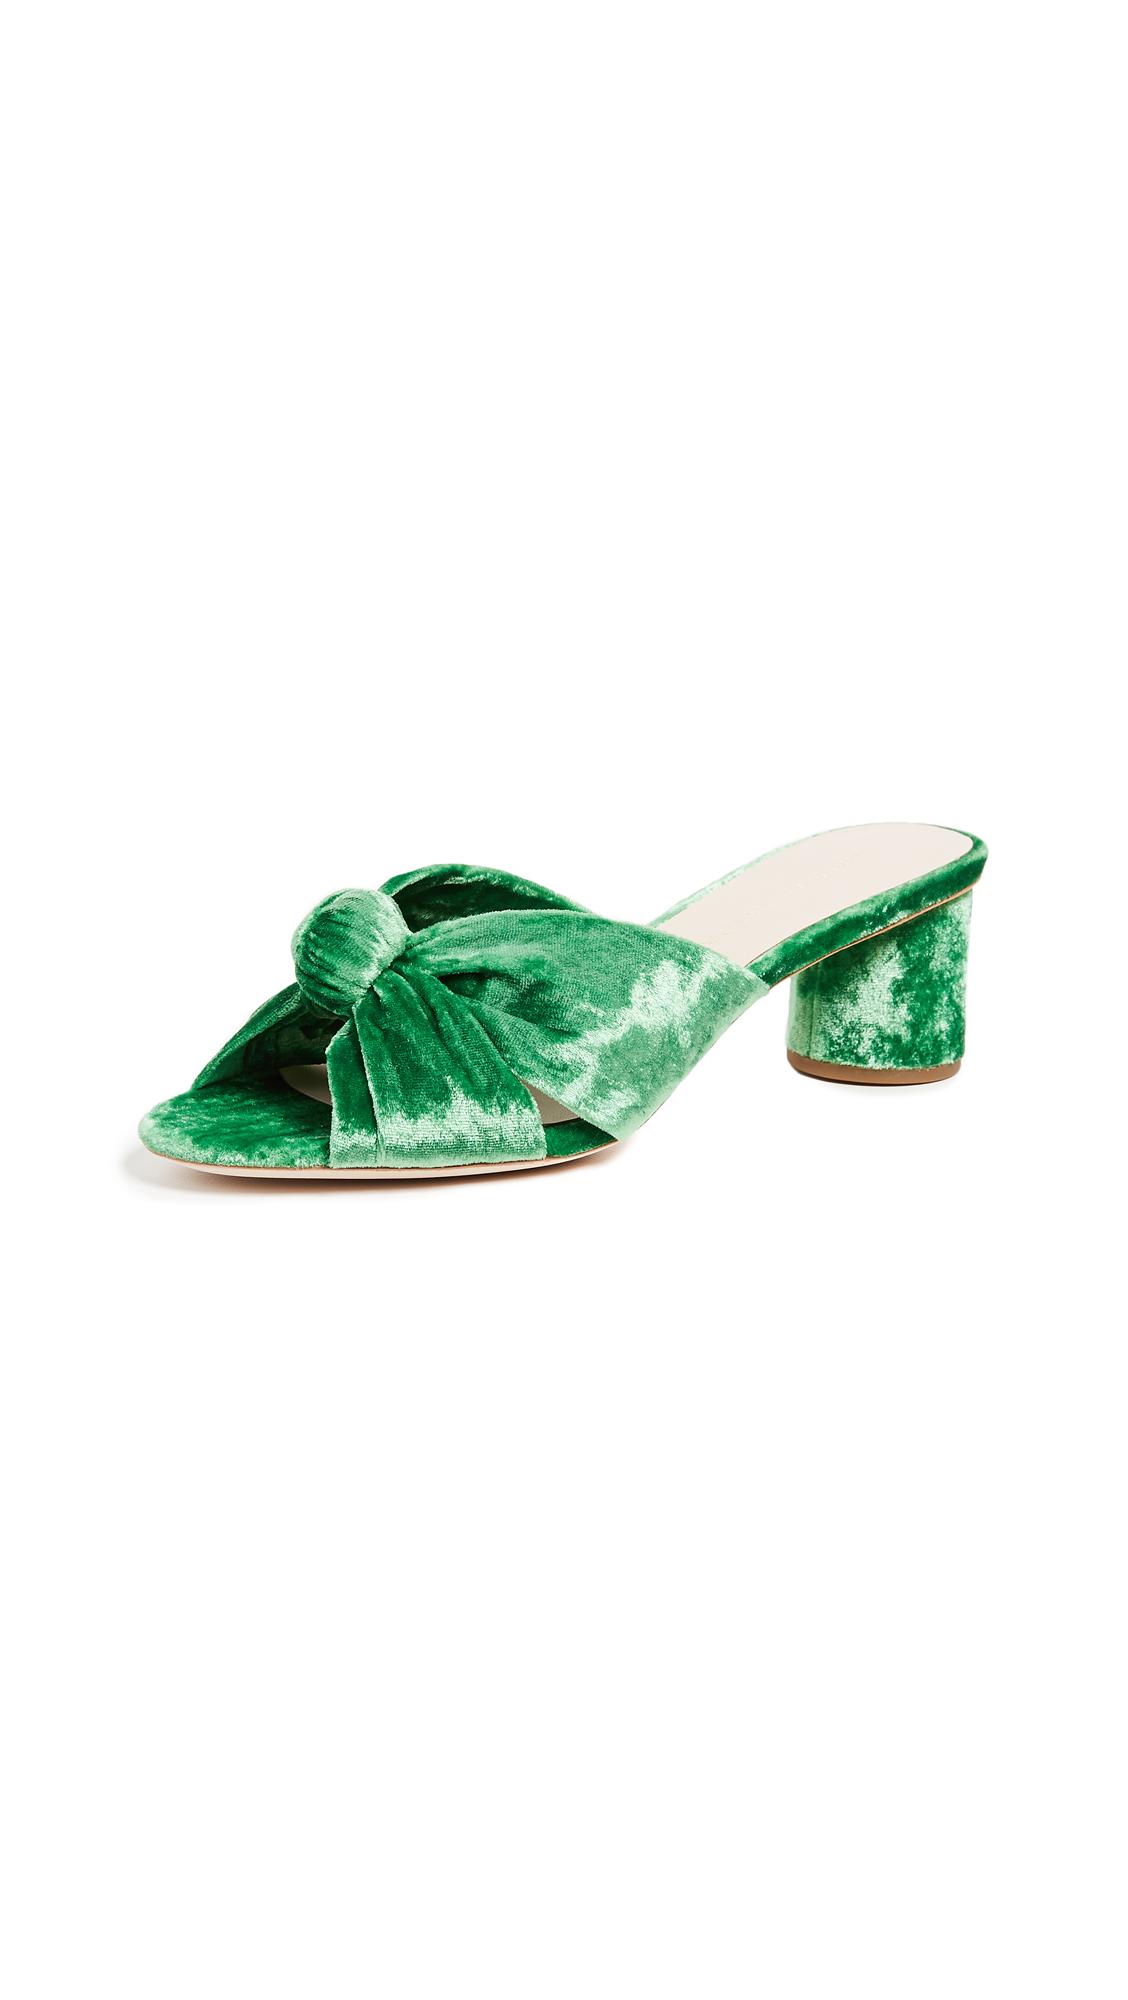 Loeffler Randall Celeste Knot Slides - Emerald